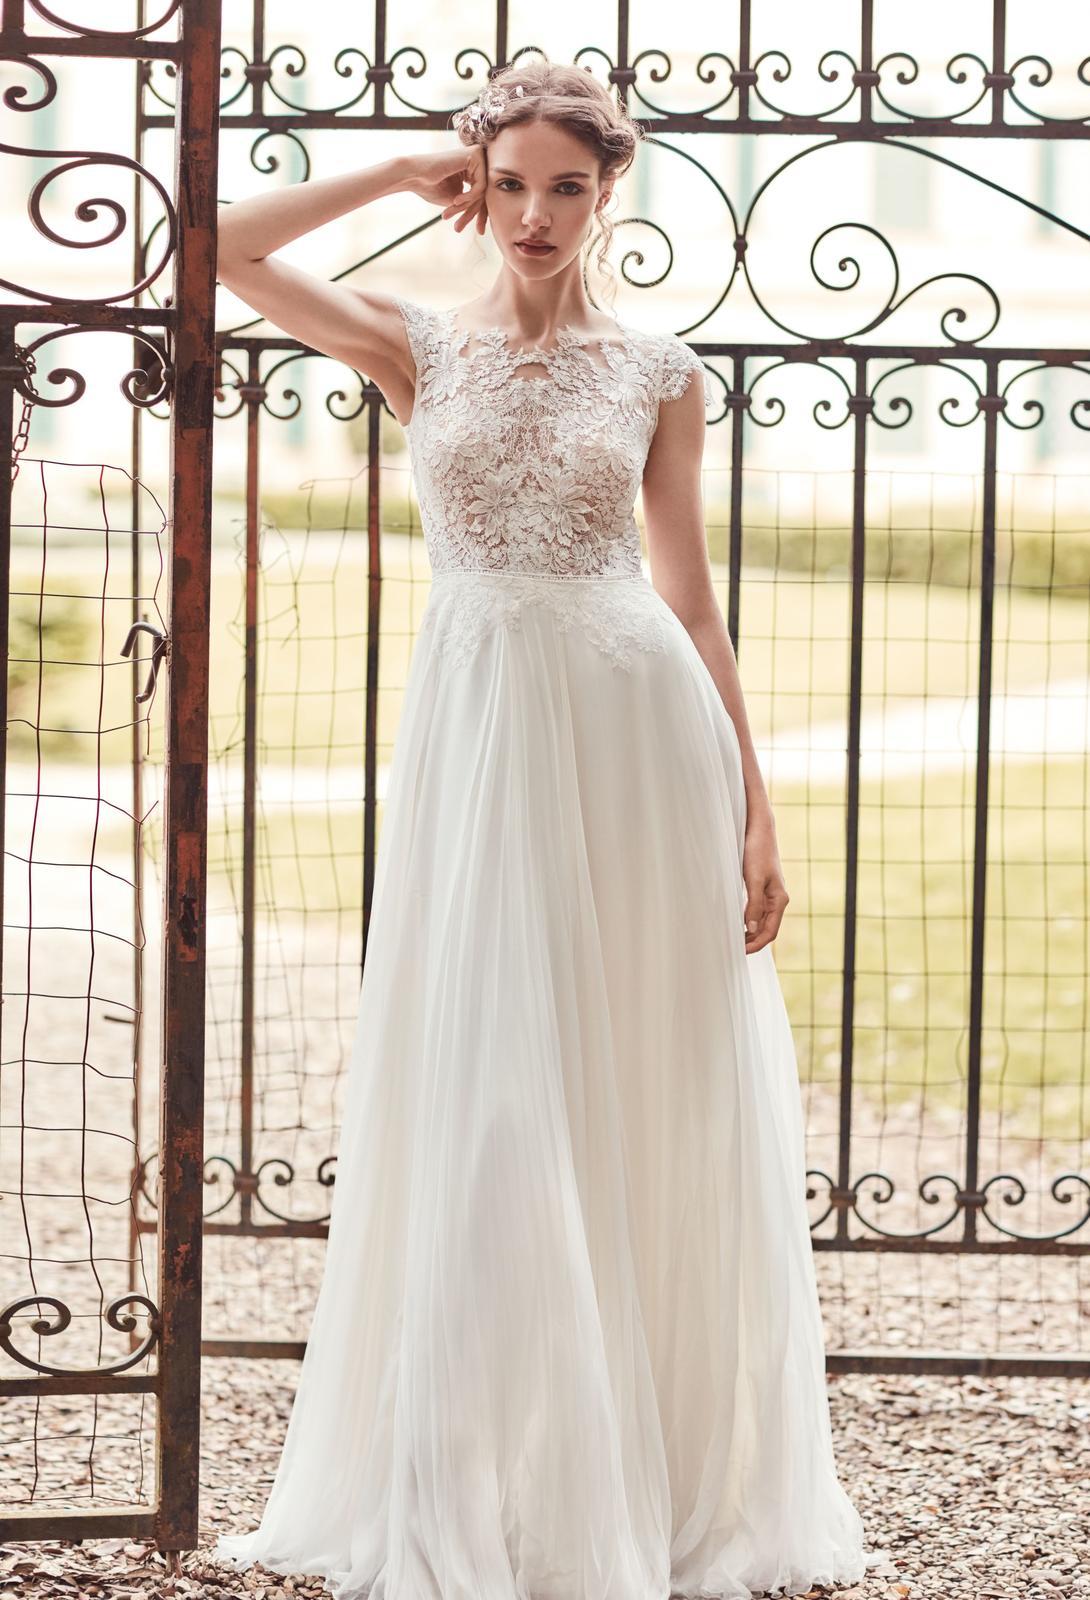 Anna Kara * Svadobné šaty z kolekcií na rok 2019 - Obrázok č. 80